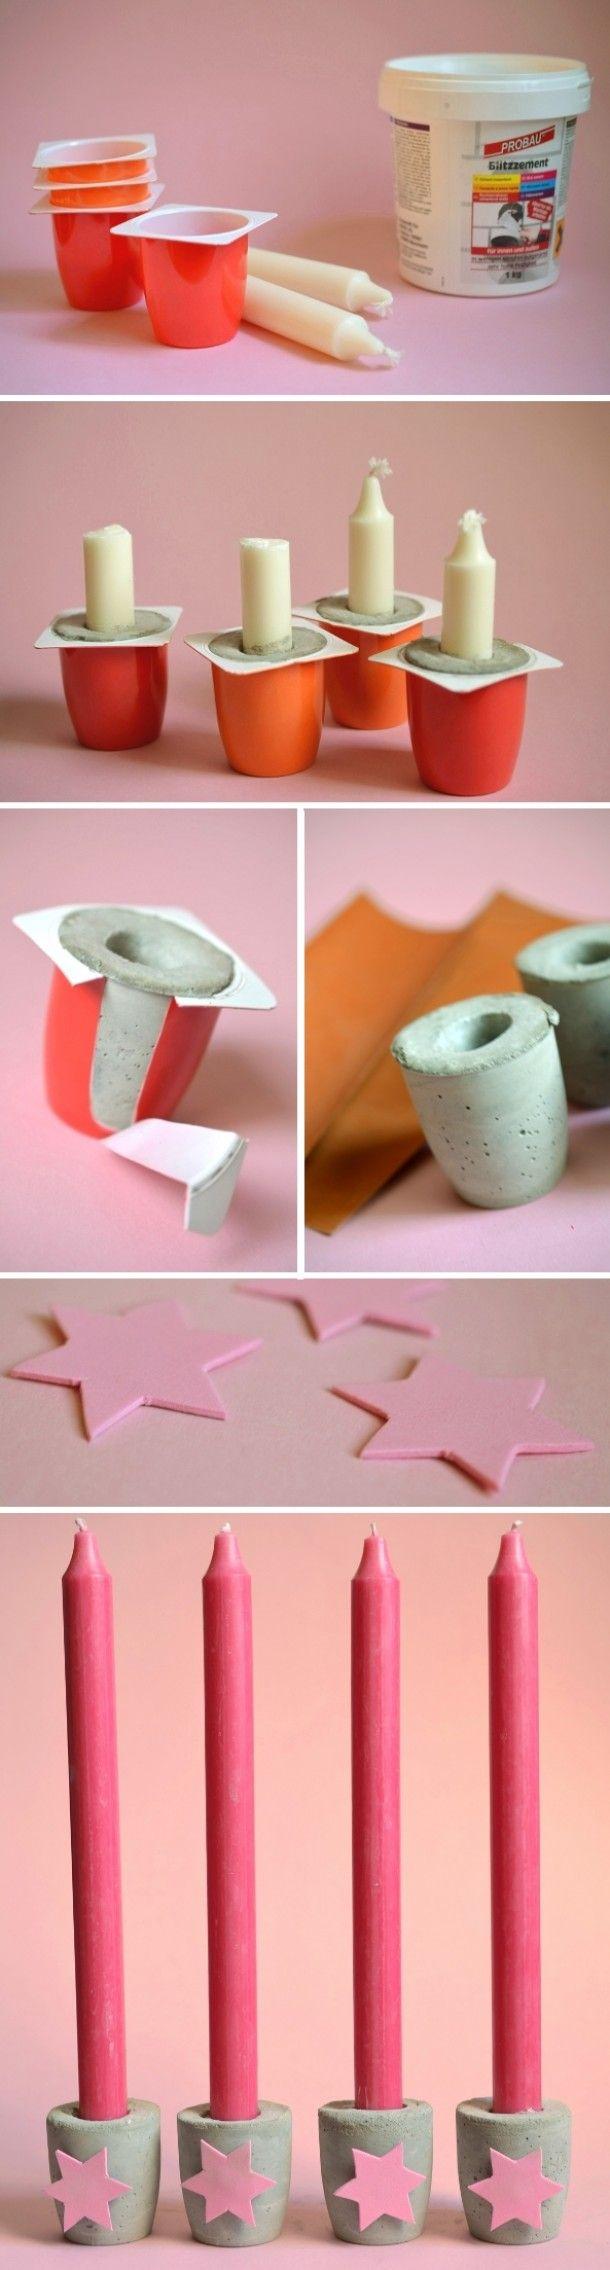 Meer dan 1000 eenvoudige cadeautjes op pinterest   naai ideeën ...